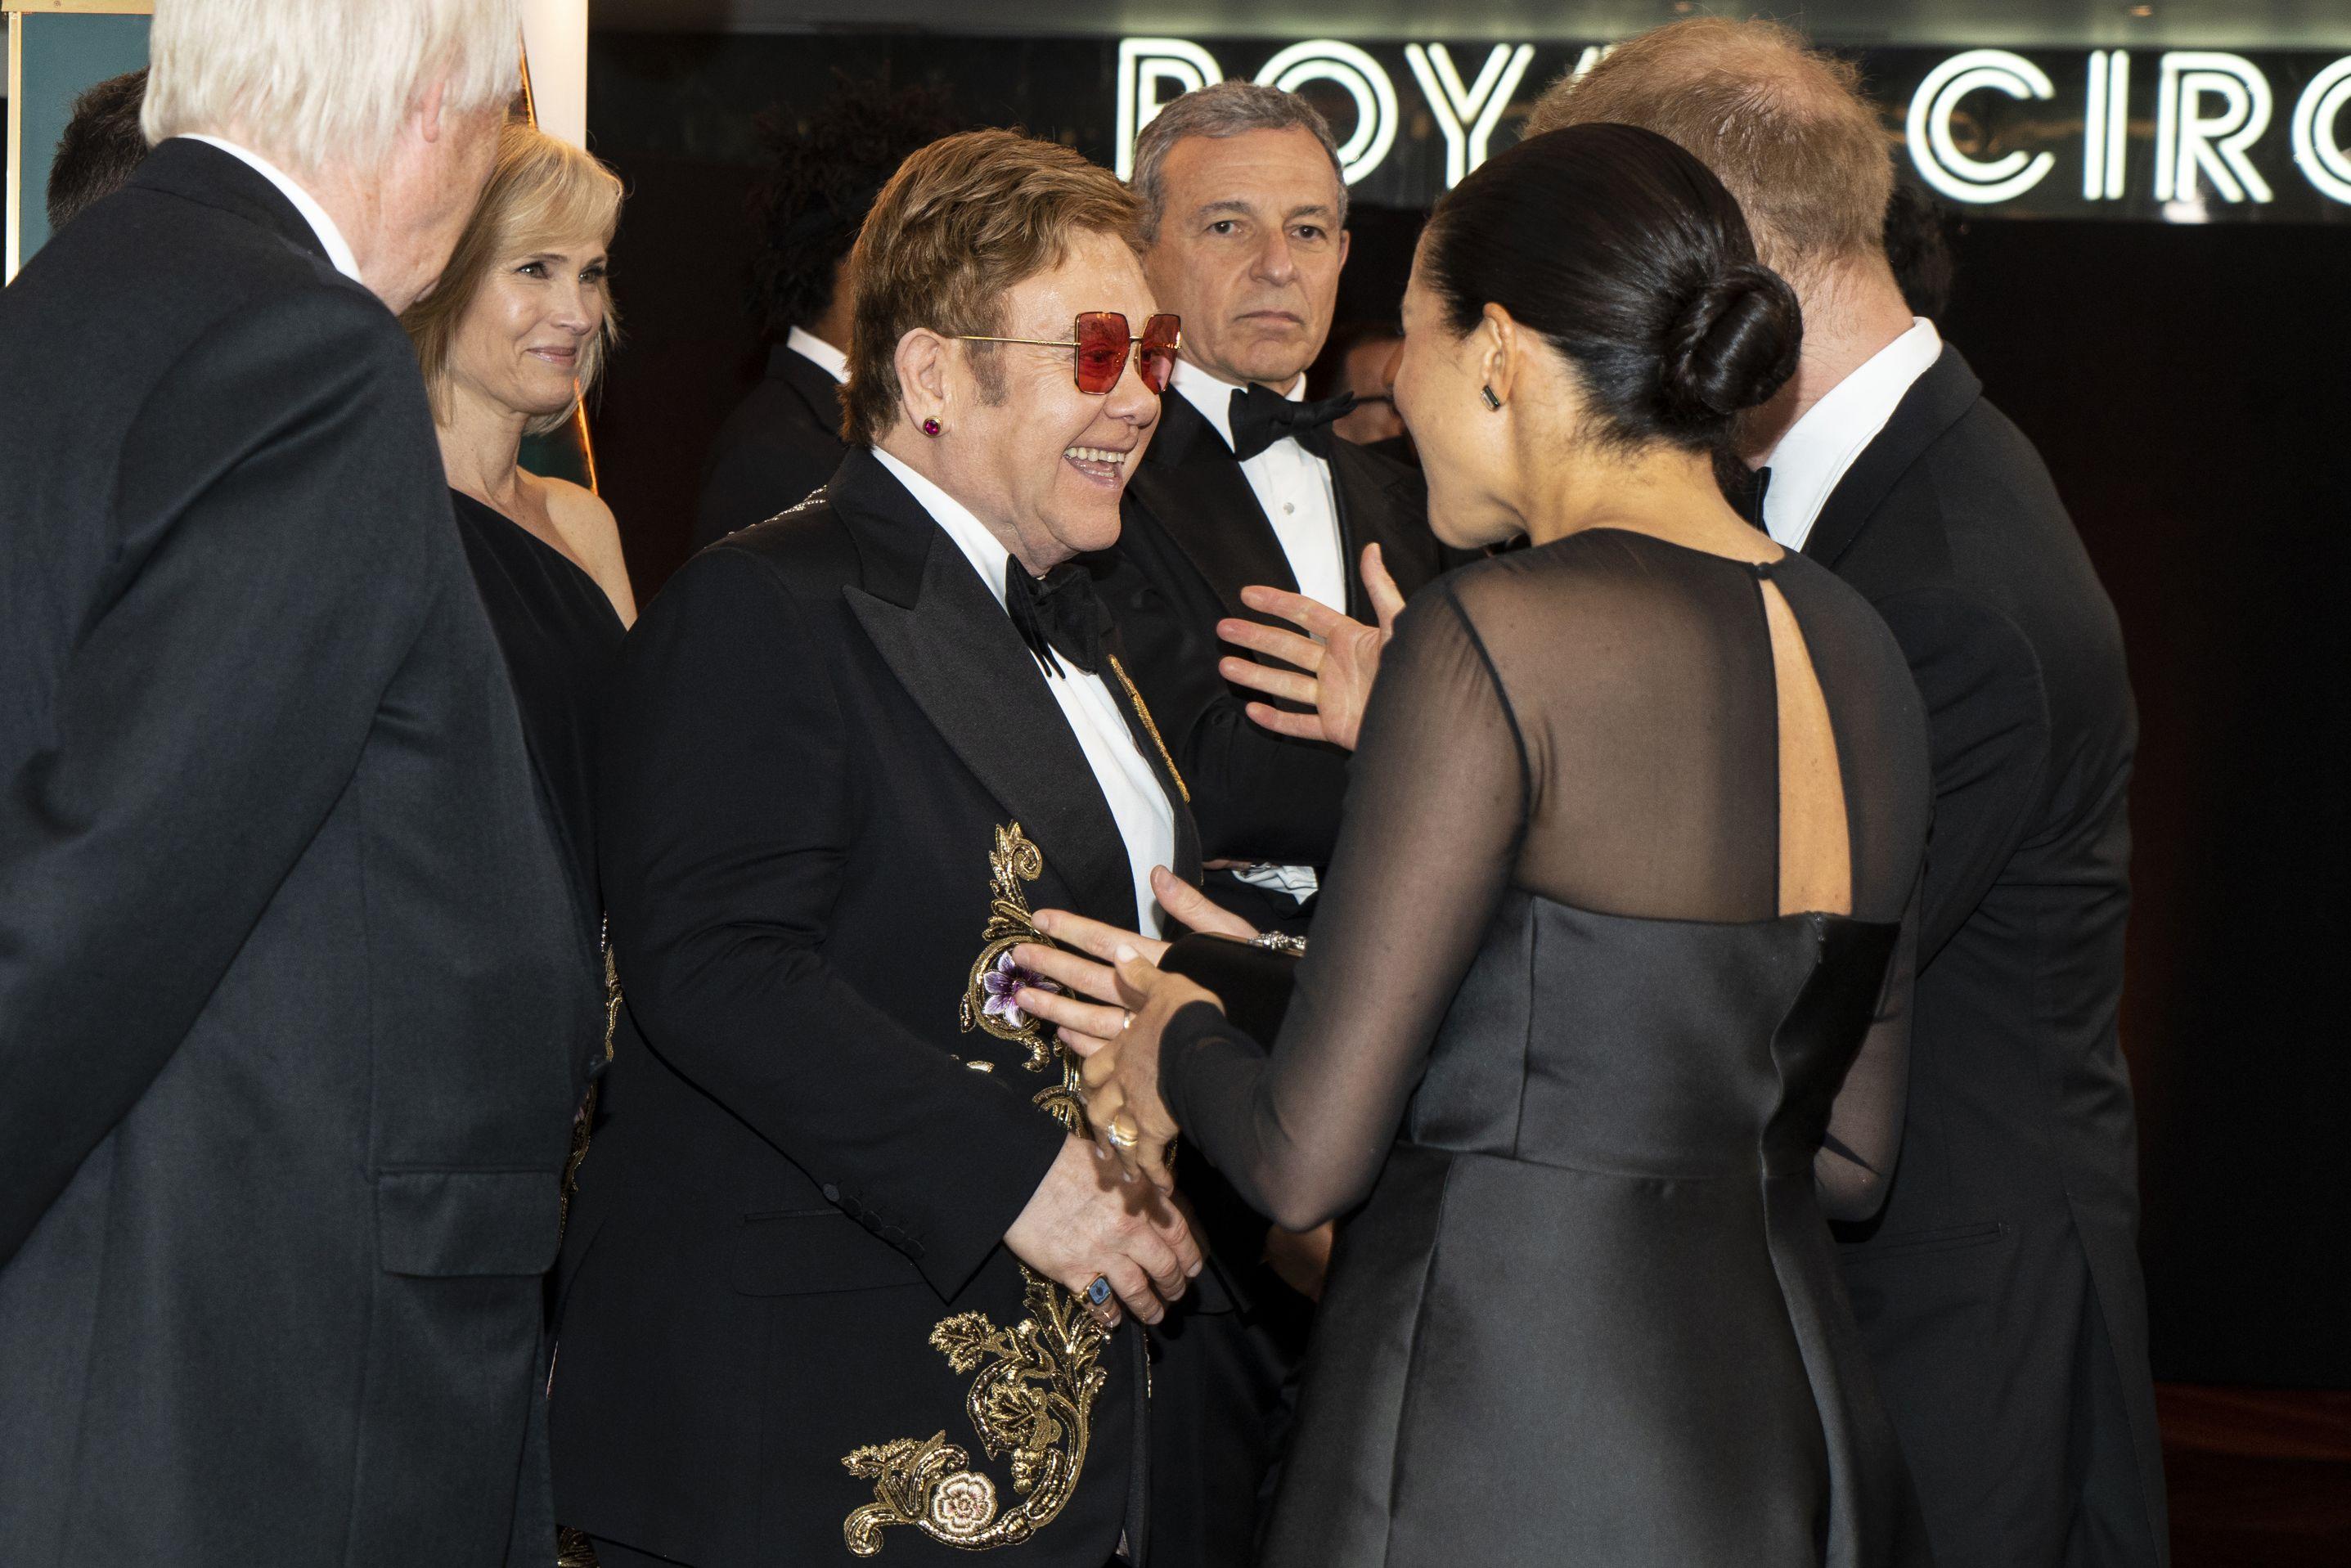 Elton John and Ellen DeGeneres Defended Meghan Markle and Prince Harry After Yet More Online Attacks